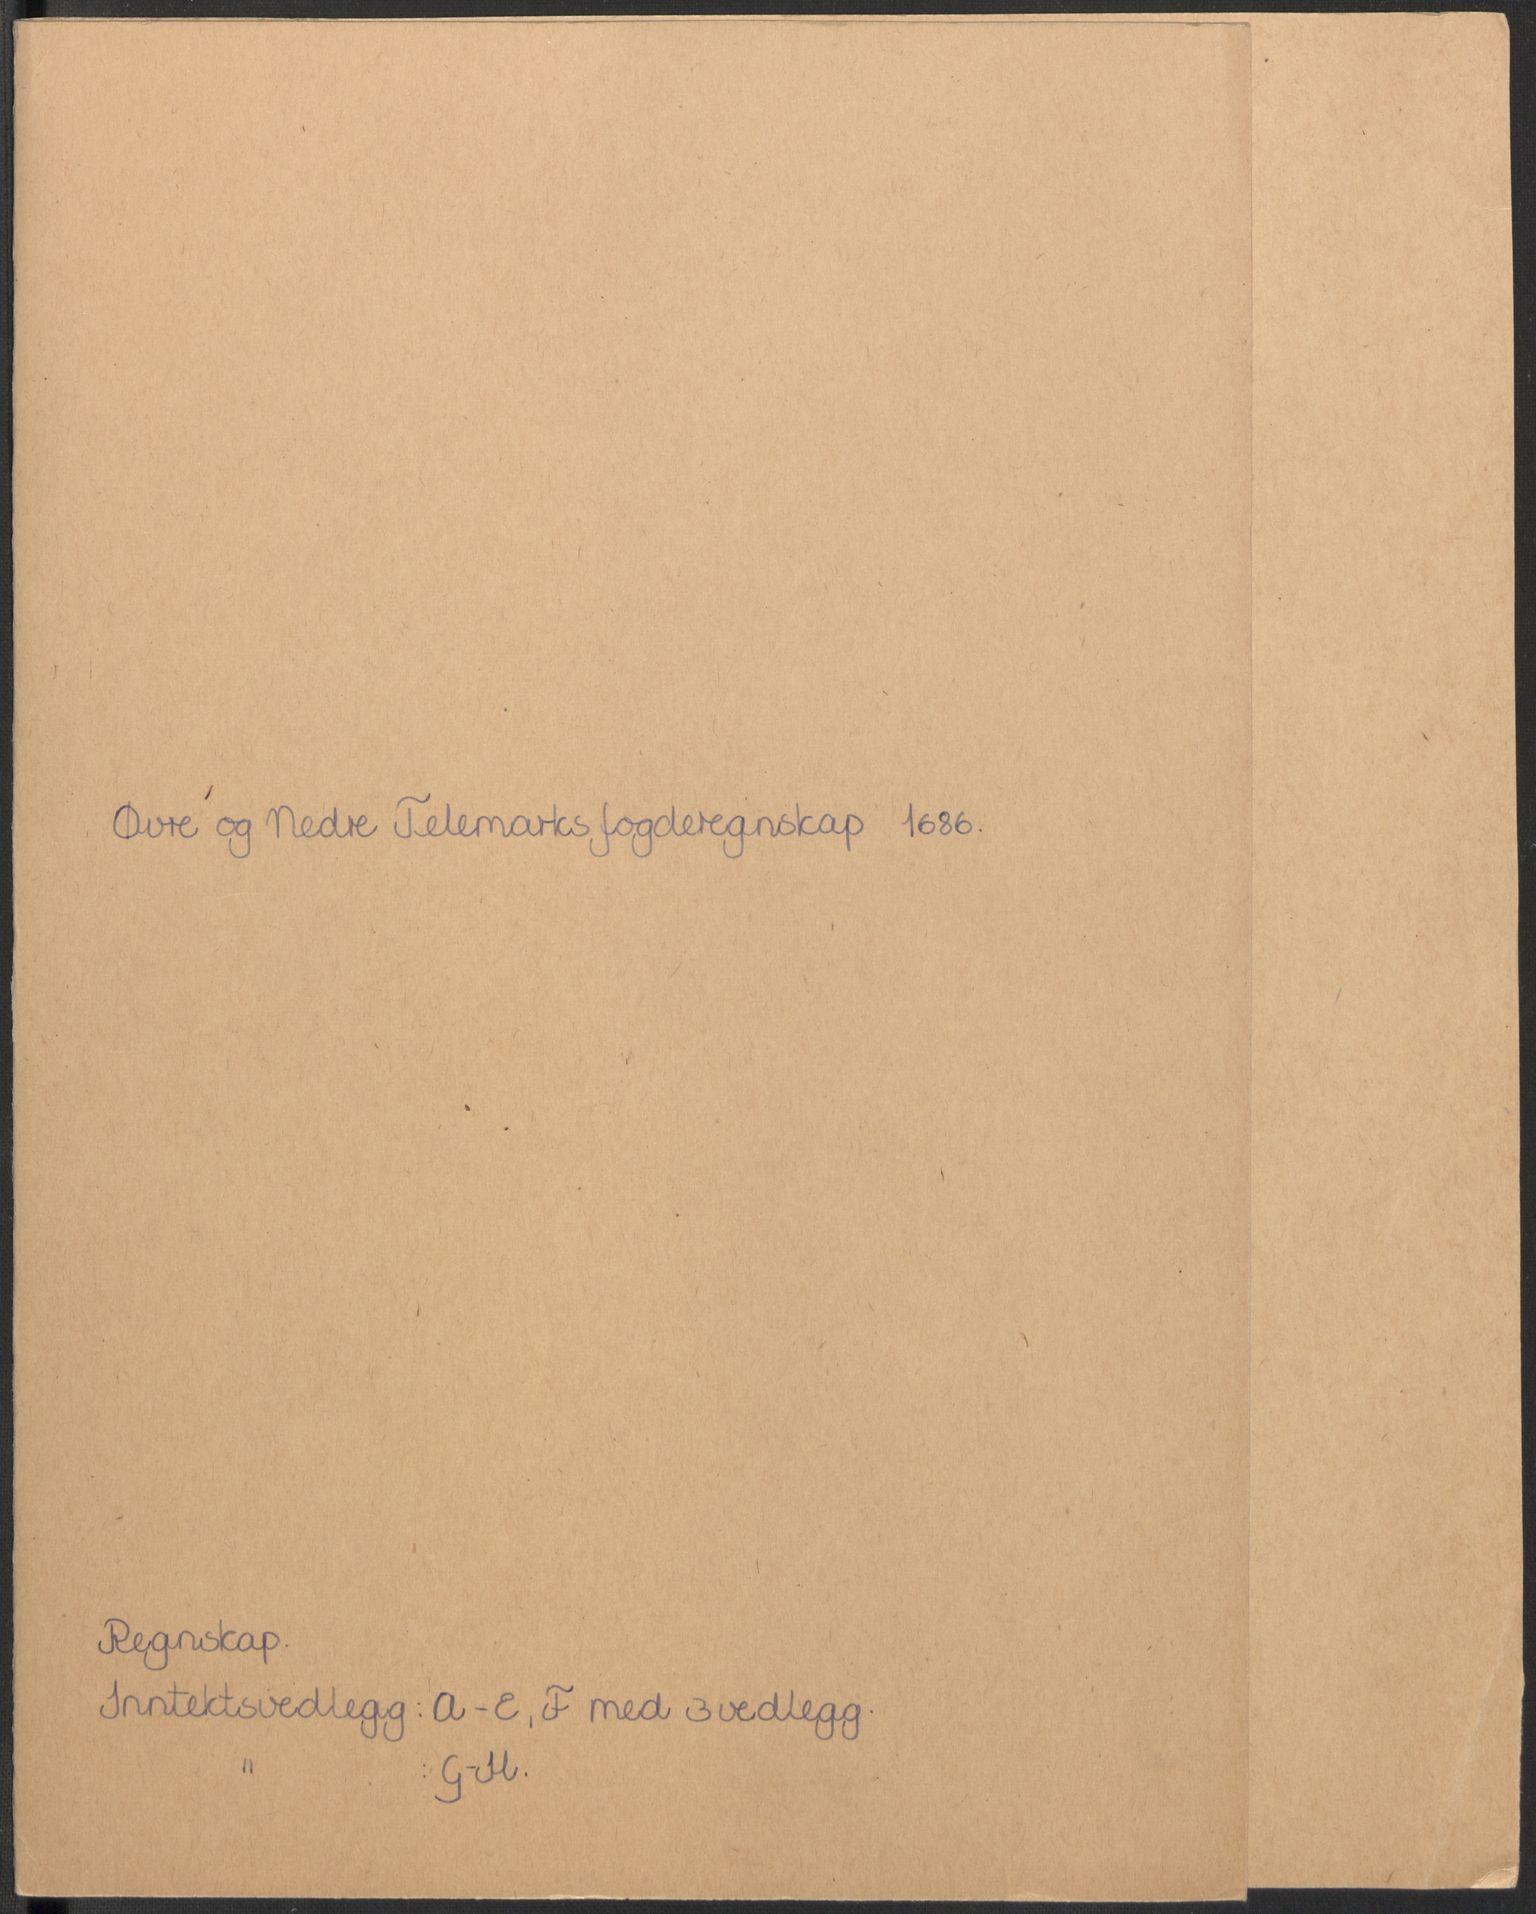 RA, Rentekammeret inntil 1814, Reviderte regnskaper, Fogderegnskap, R35/L2083: Fogderegnskap Øvre og Nedre Telemark, 1686, s. 2